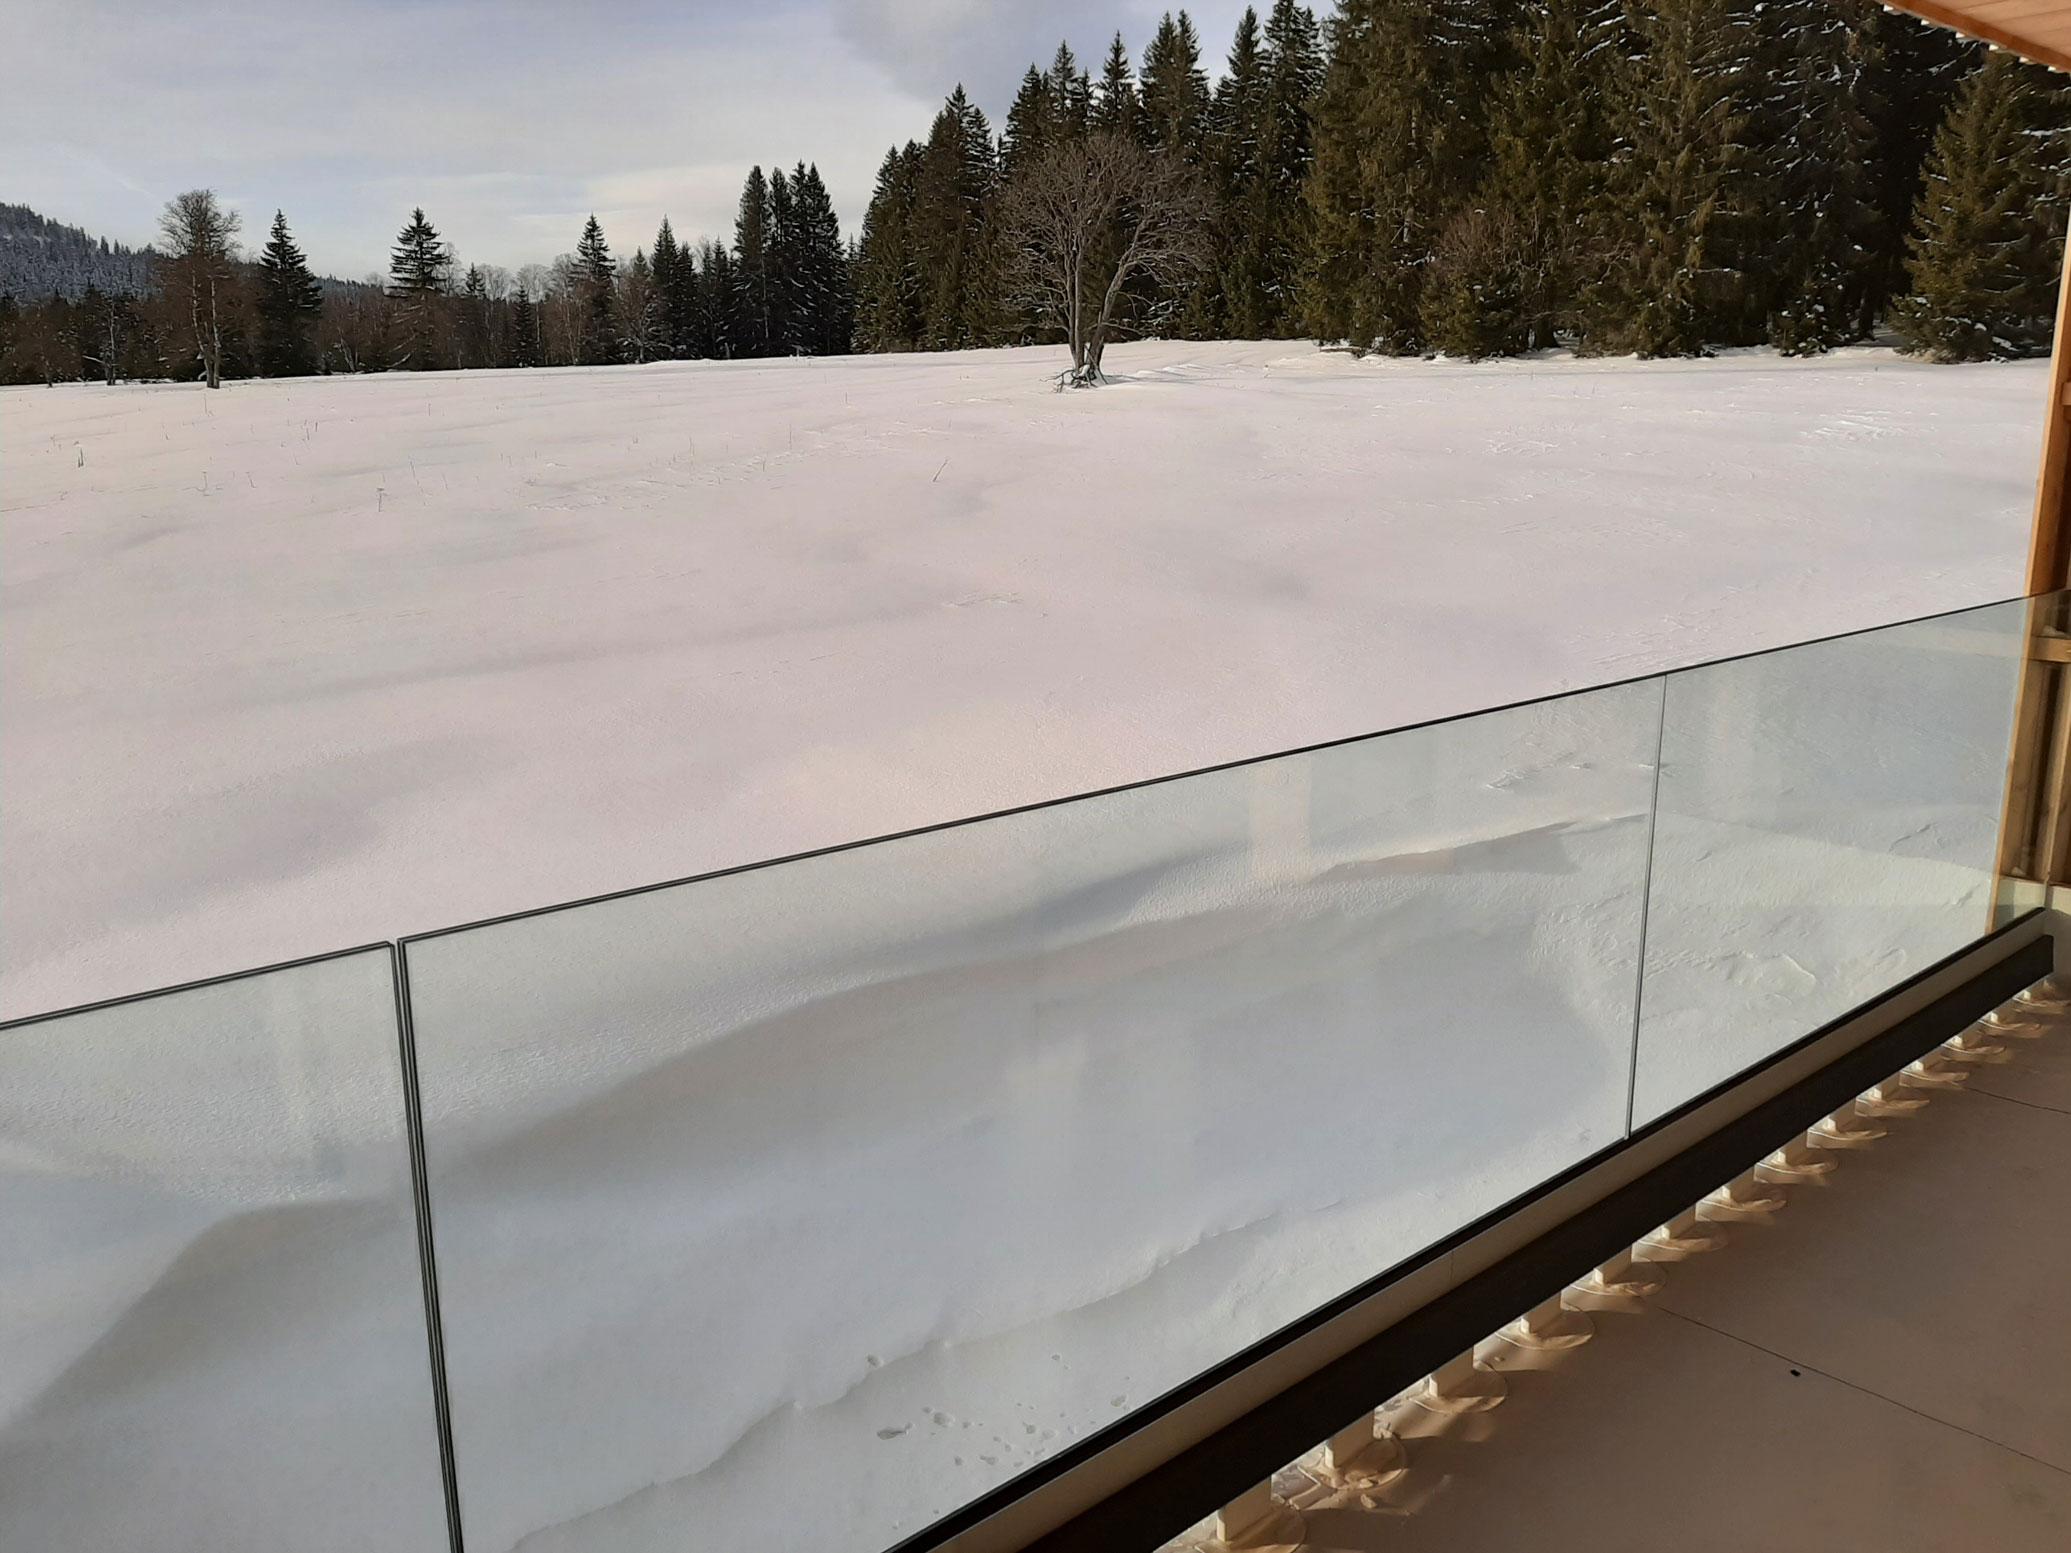 Sklenarstvi-Prerost-venkovni- sklenene-zabradli (2)